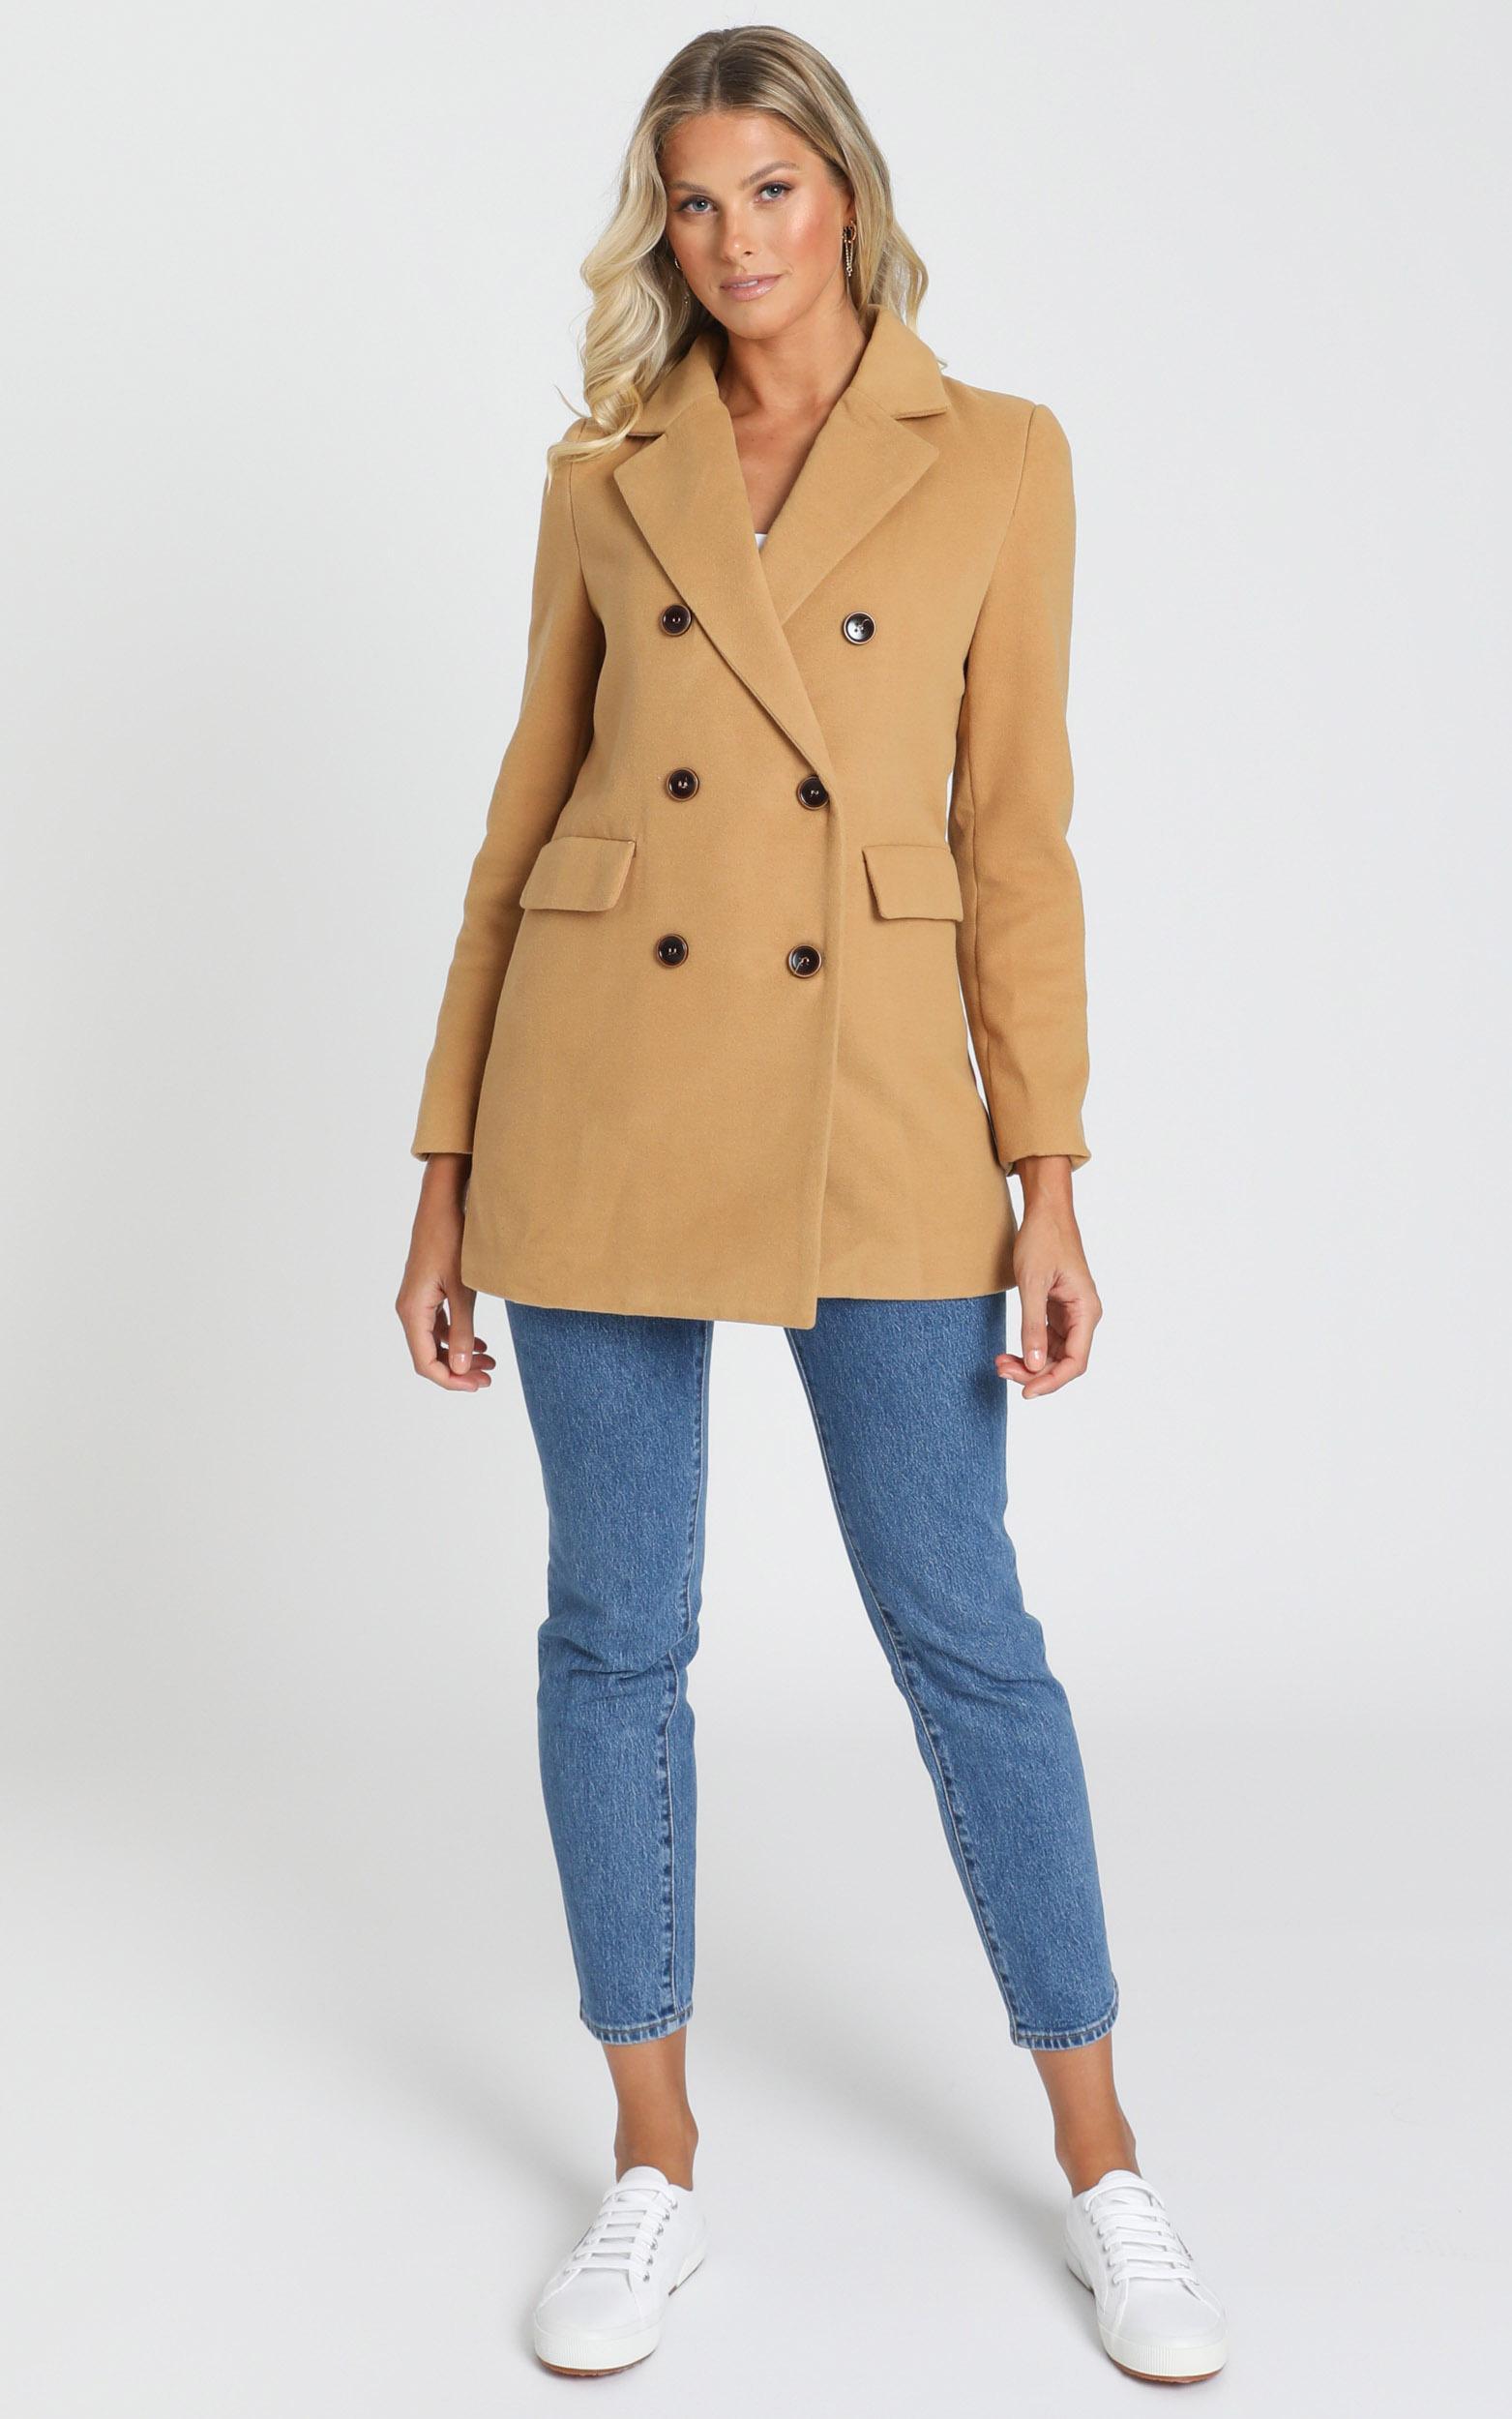 Confidence Is Key Blazer Coat in beige - 20 (XXXXL), Beige, hi-res image number null